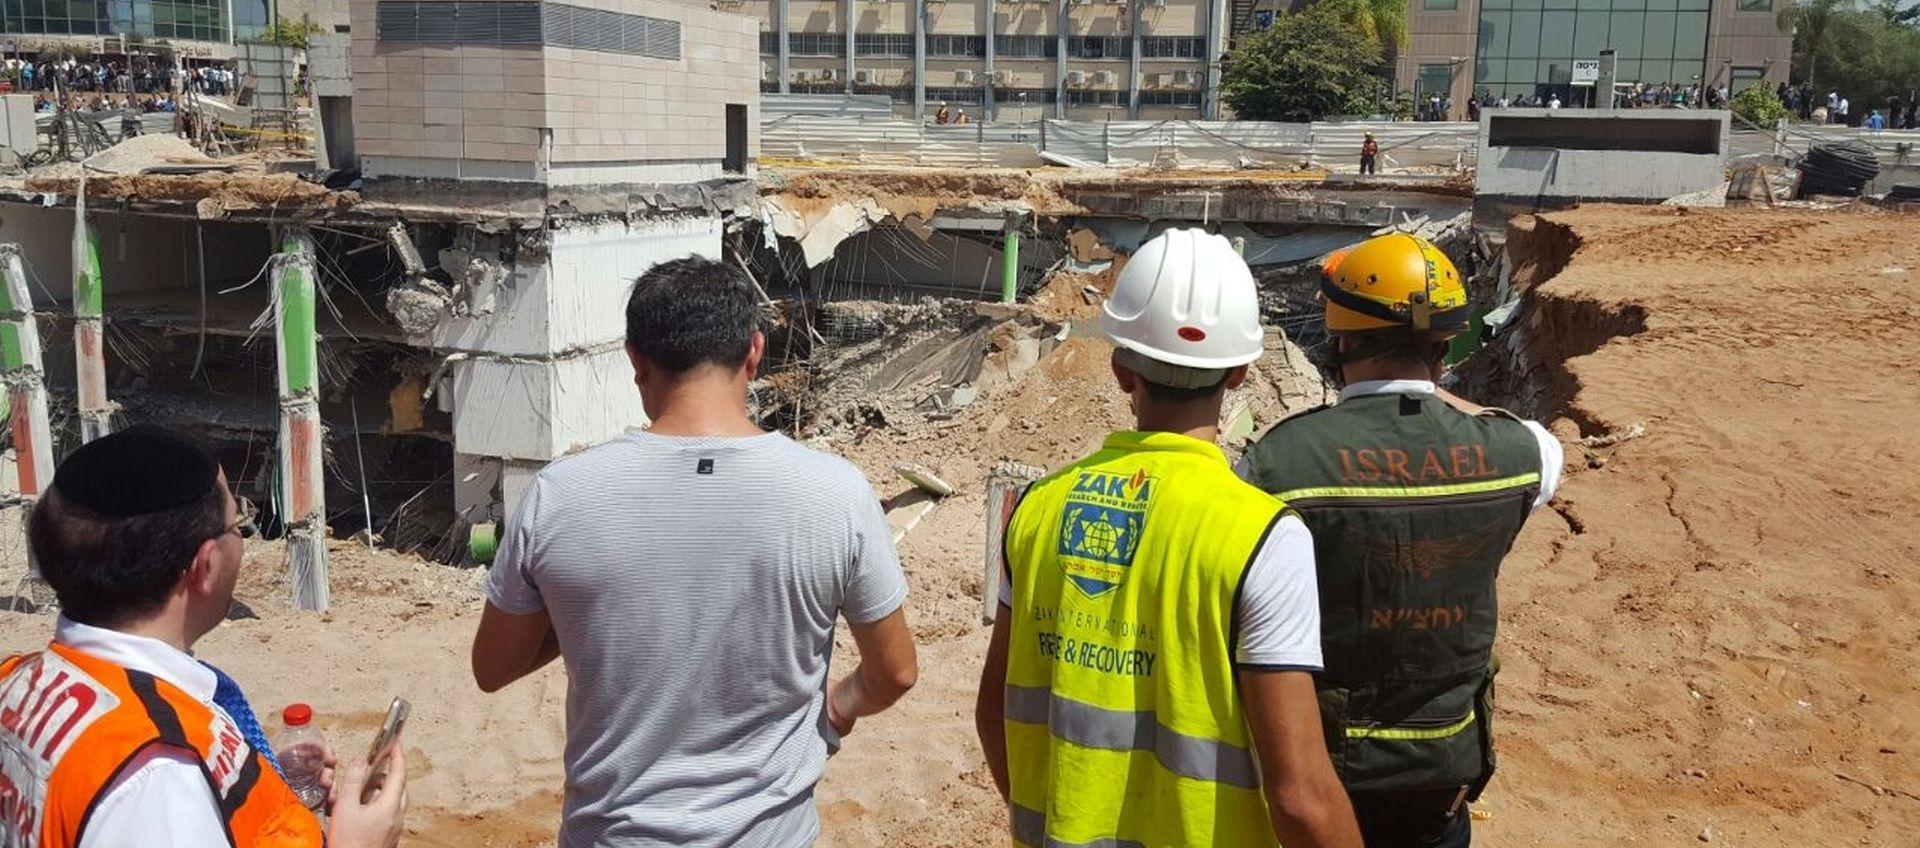 NESREĆA NA GRADILIŠTU U TEL AVIVU Kran pao na zgradu koja se potom urušila, najmanje 6 ozlijeđenih, deseci nestalih